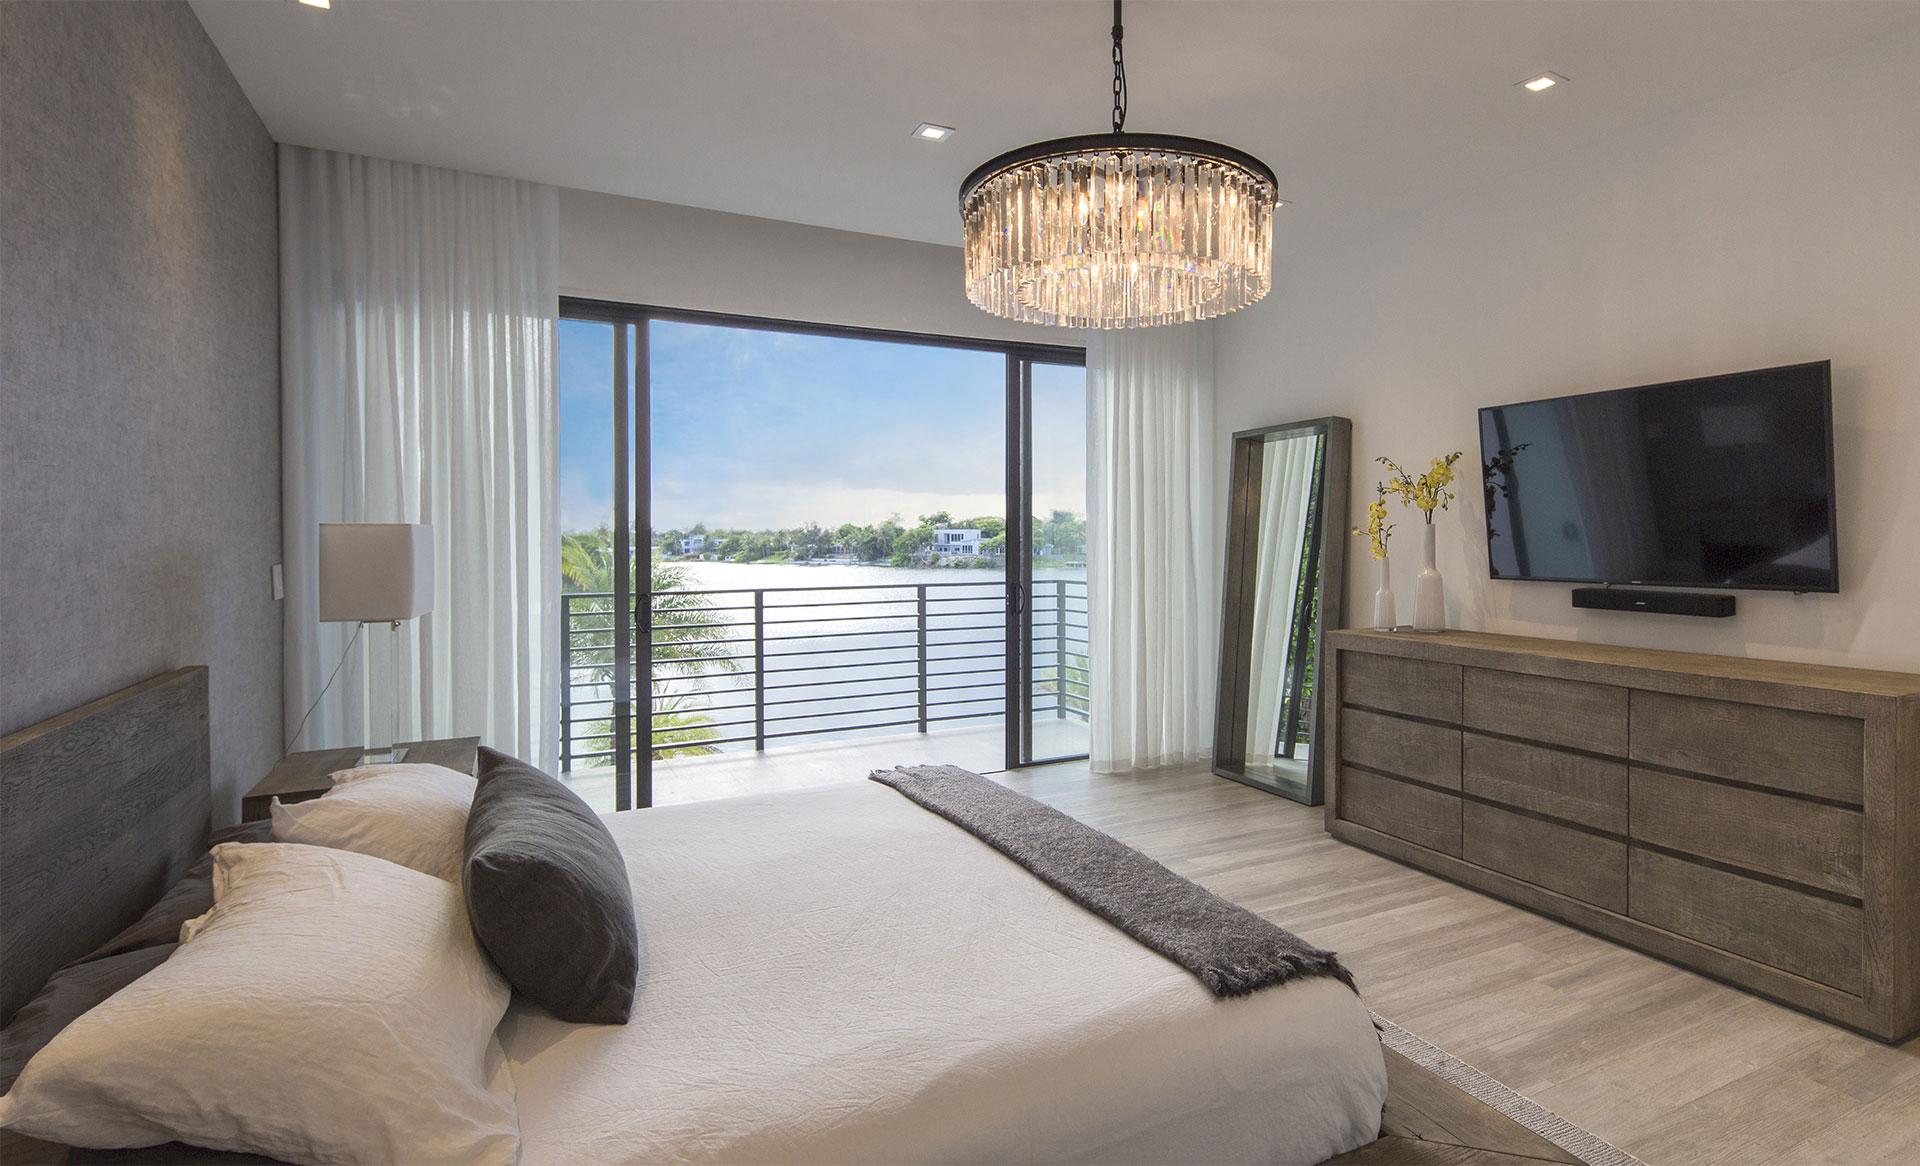 Bedroom View Interior Design project in North Miami Beach, Florida